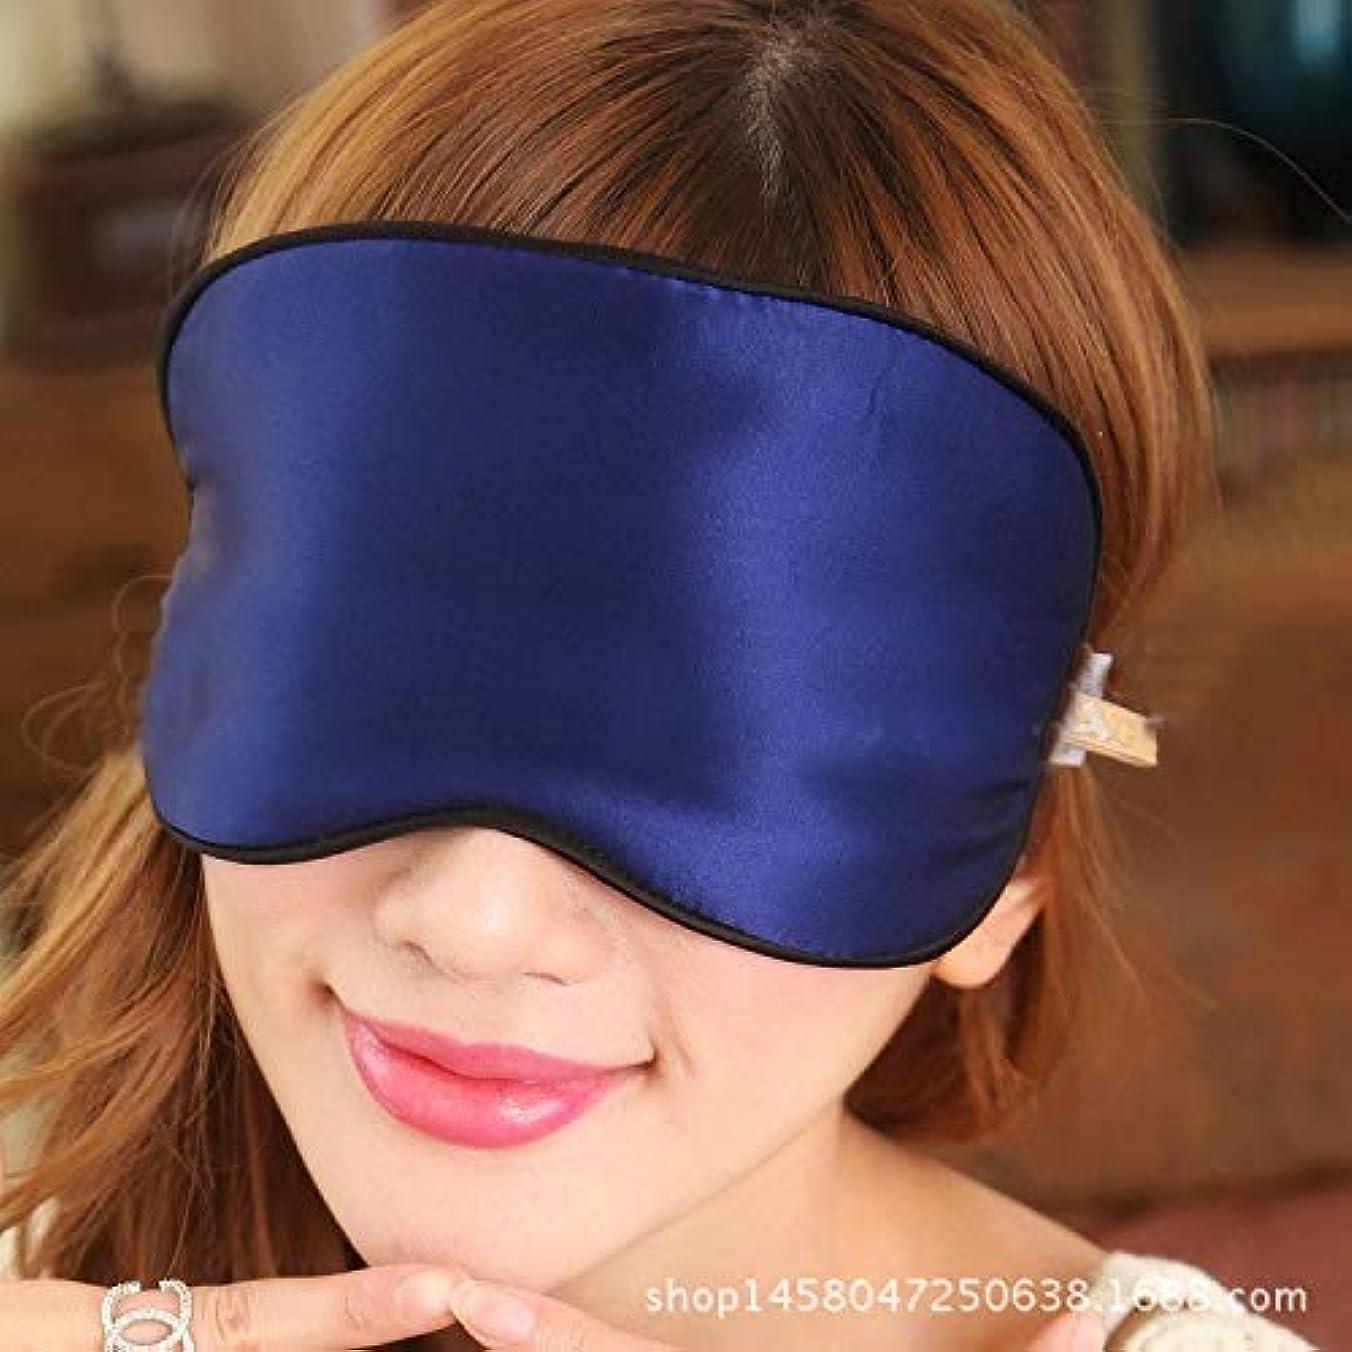 いろいろ増加するペンNOTE Mrosaaソフトシルクトラベルアイマスクコンフォート通気性女性男性シェーディングスリープアイマスクスリープマスク